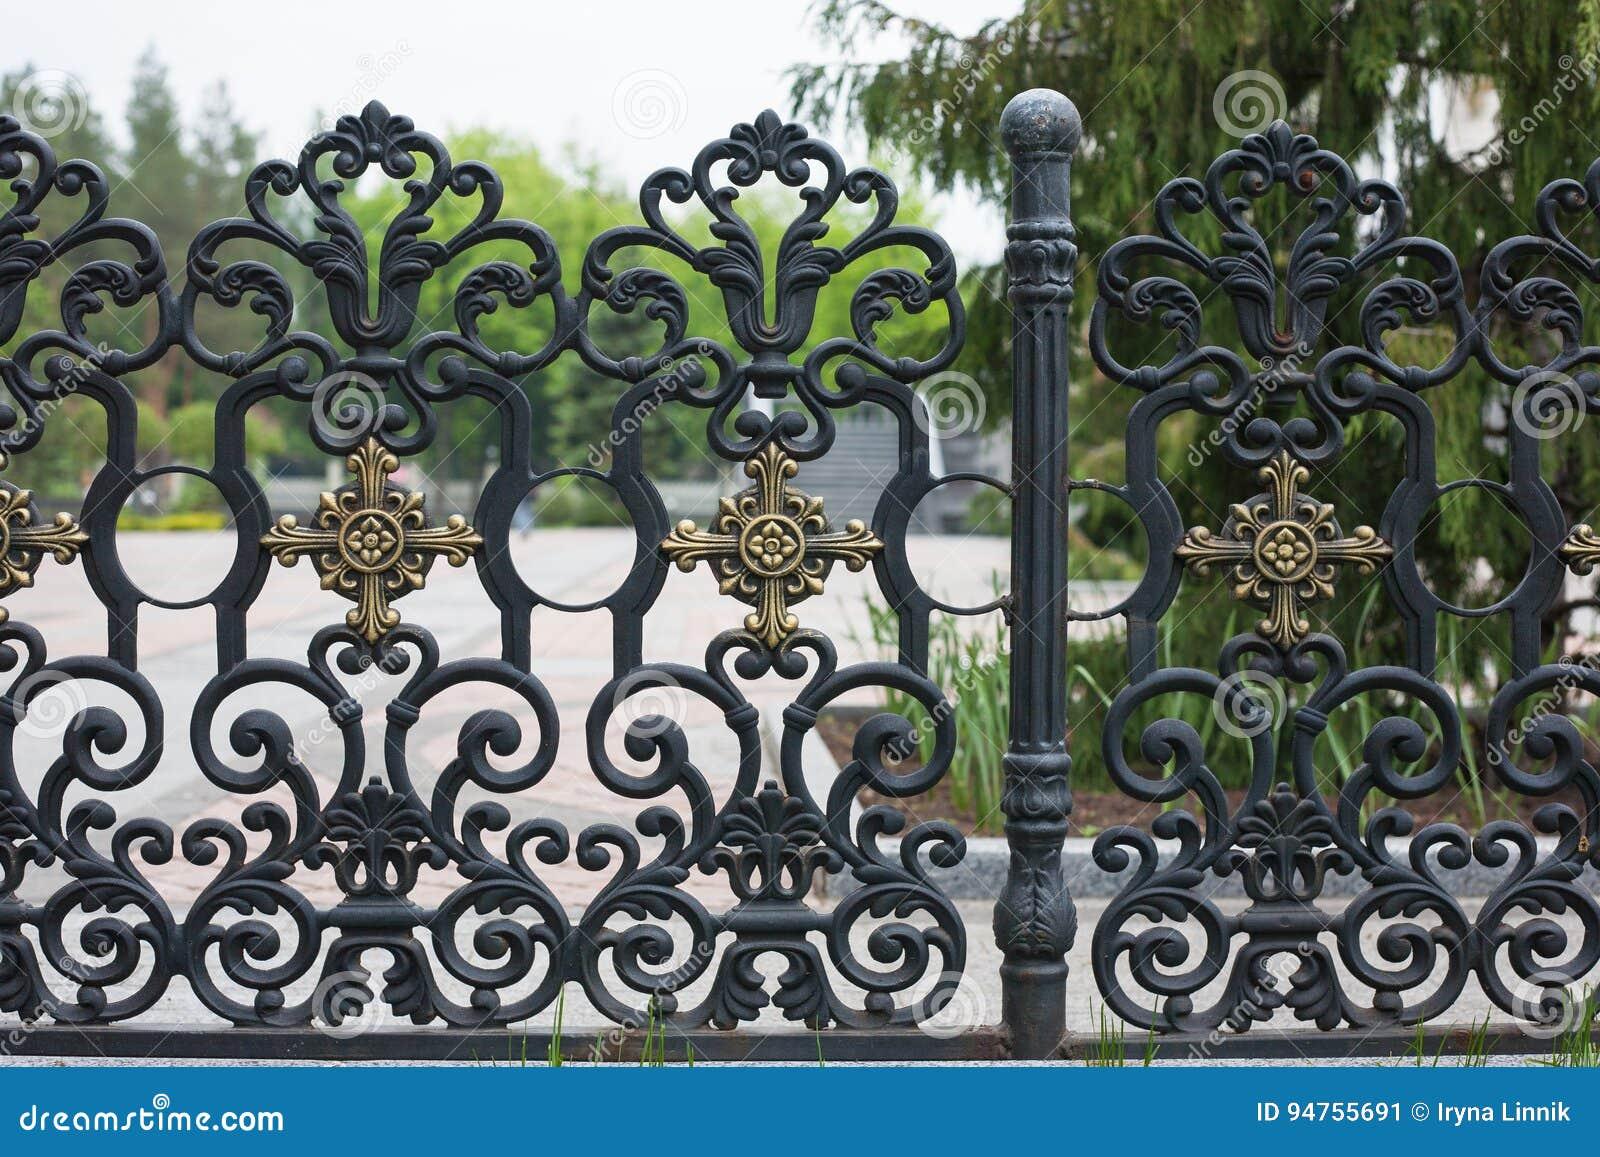 Beeindruckend Metallzäune Bilder Sammlung Von Pattern Bearbeiteter Zaun Bild Eines Dekorativen Roheisenzauns